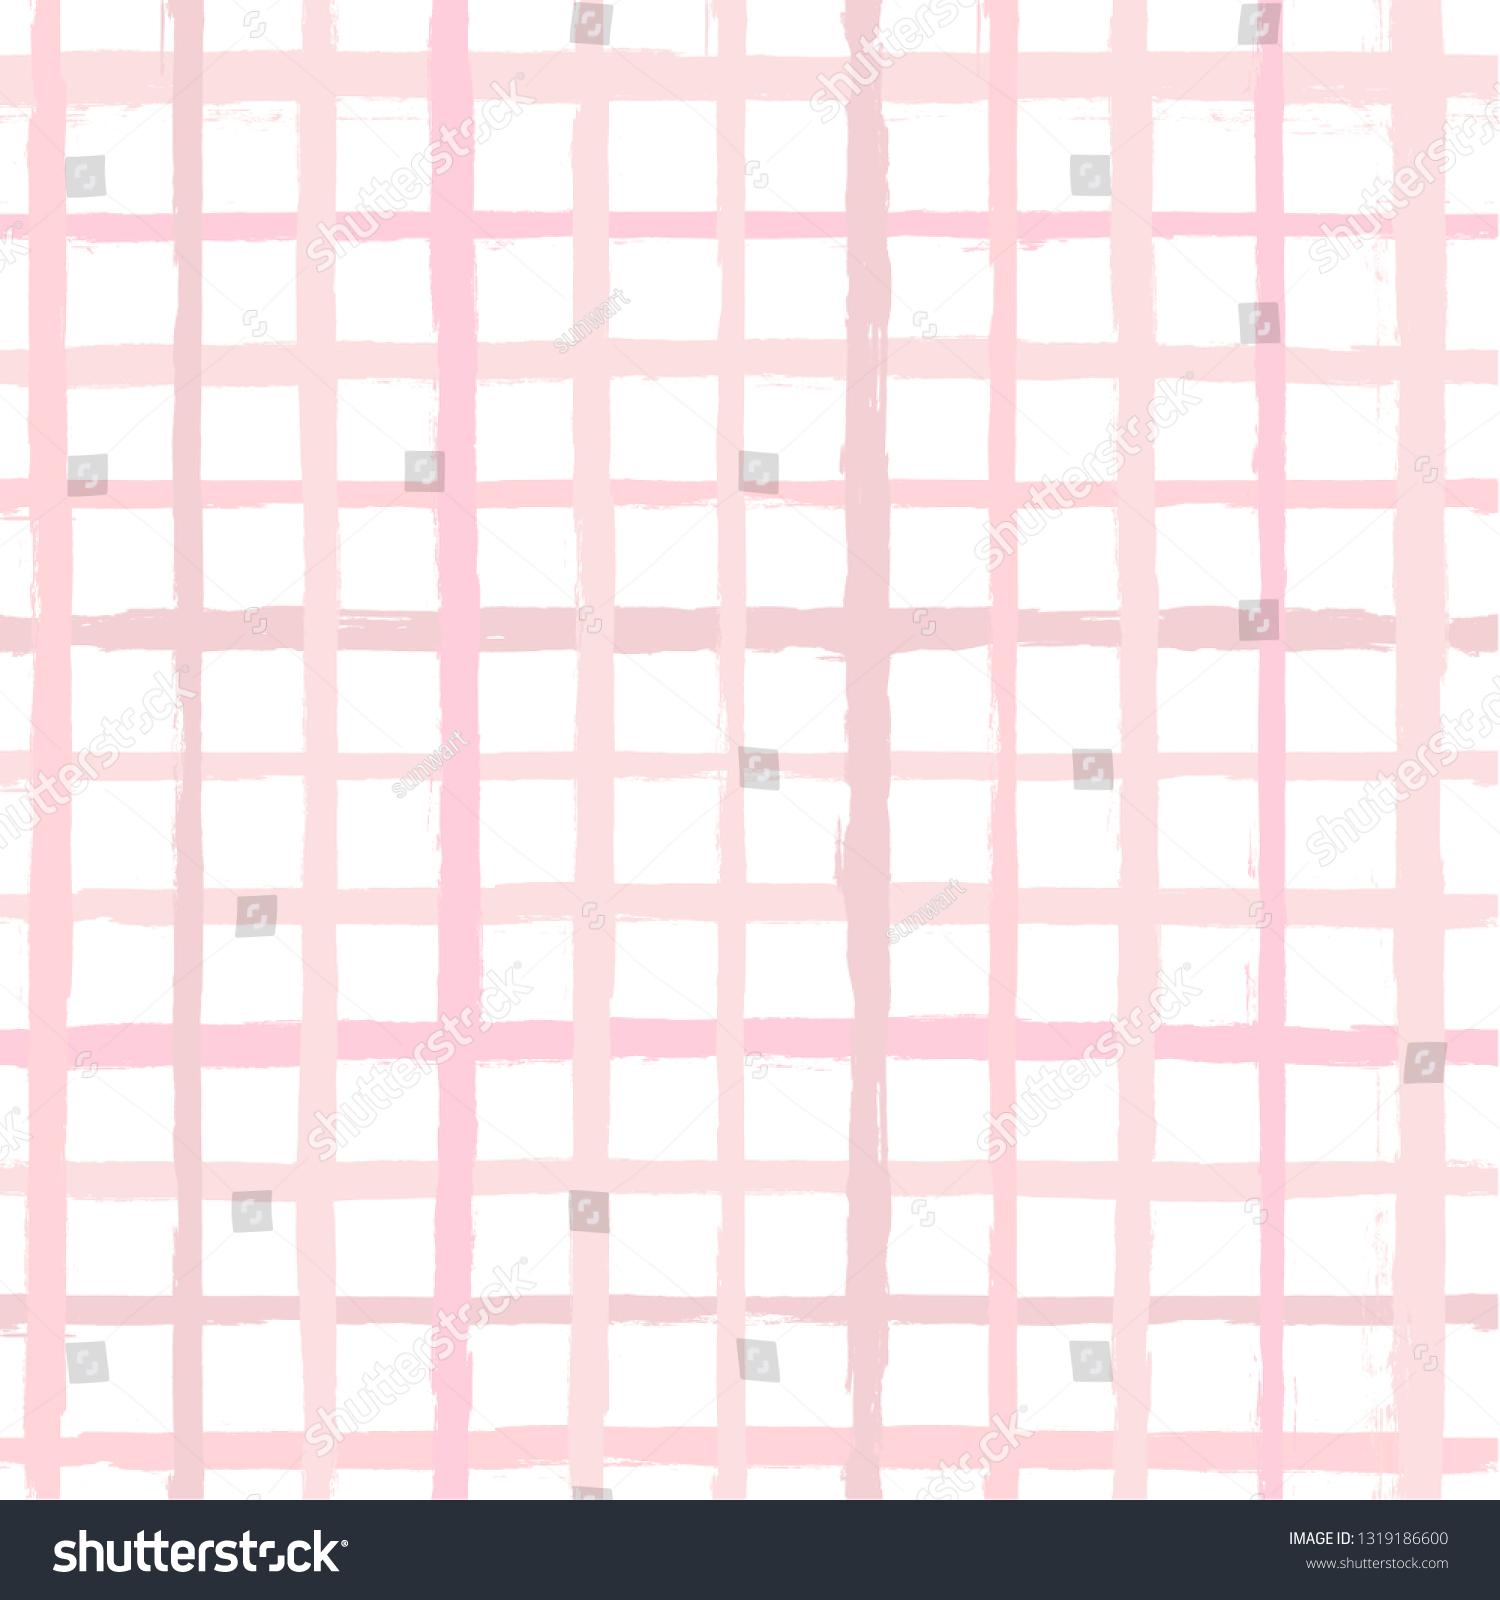 ピンクのギラギラしたシームレスな背景に手描きの縞模様 ラッピング